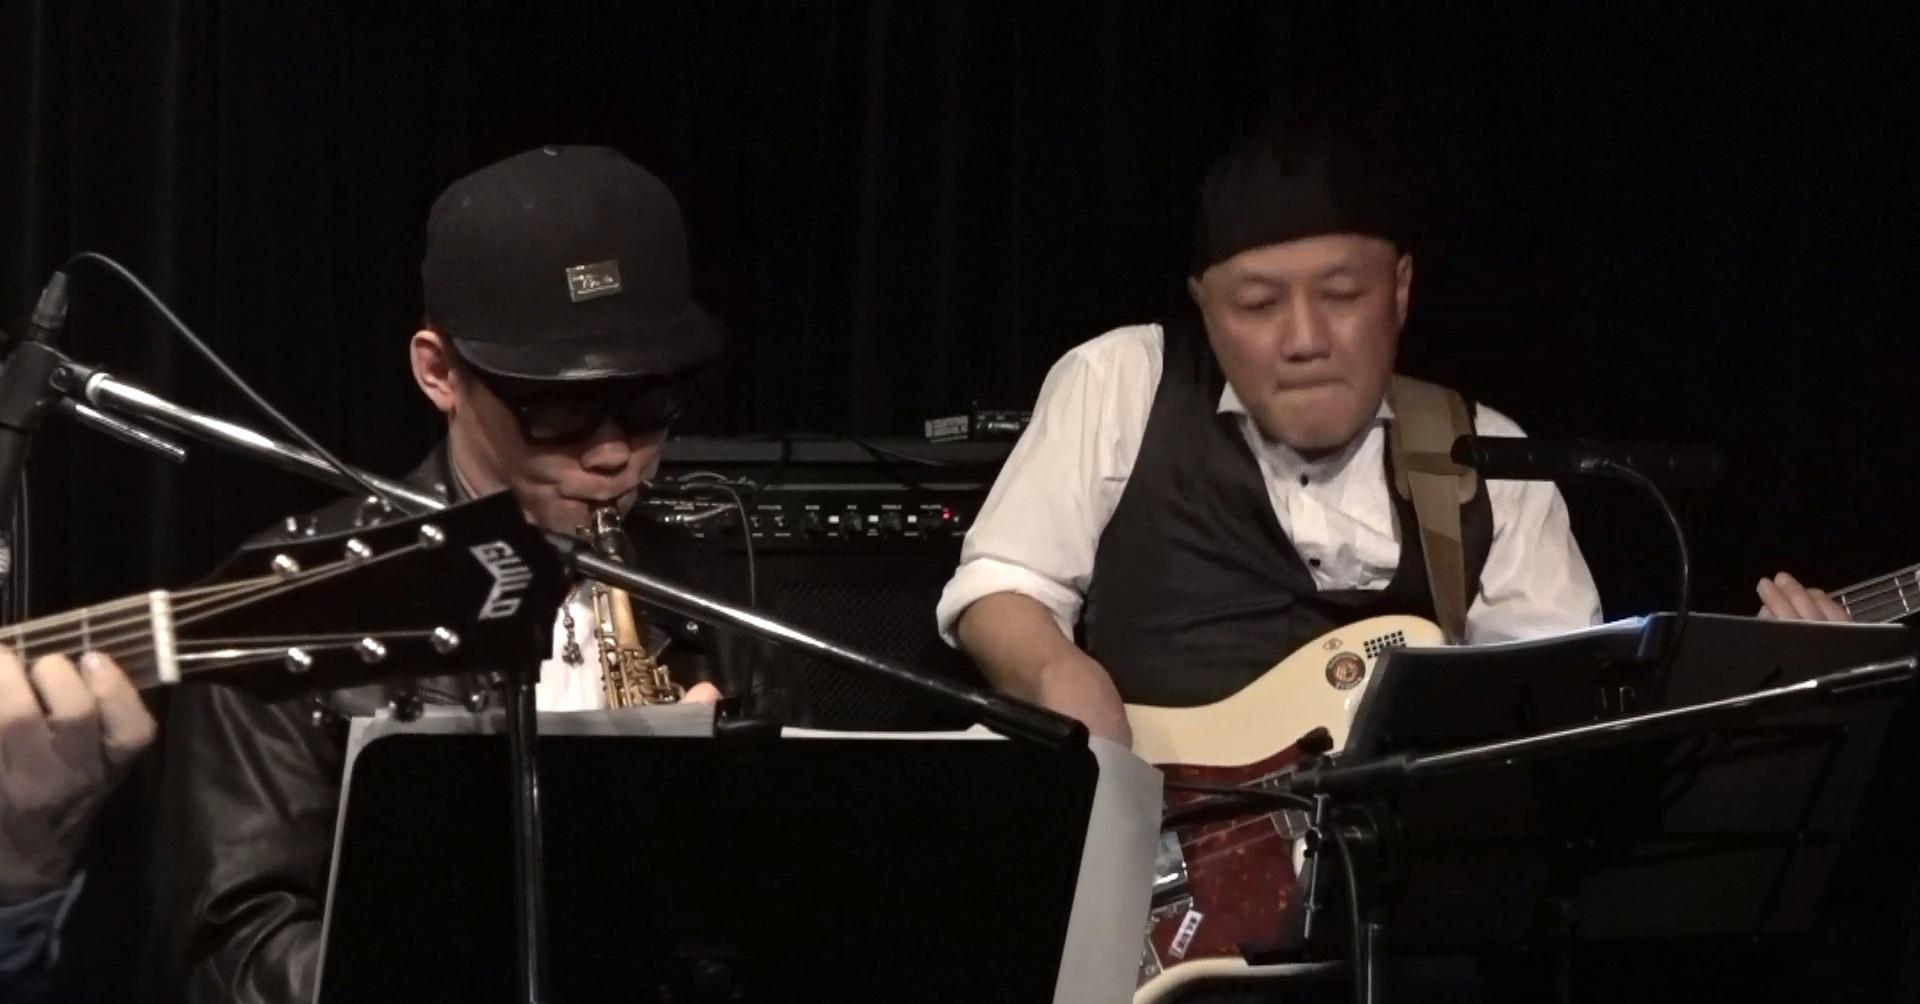 濱田金吾LIVE@横浜ParadiseCafe ありがとうございました!_a0088007_23153837.jpg